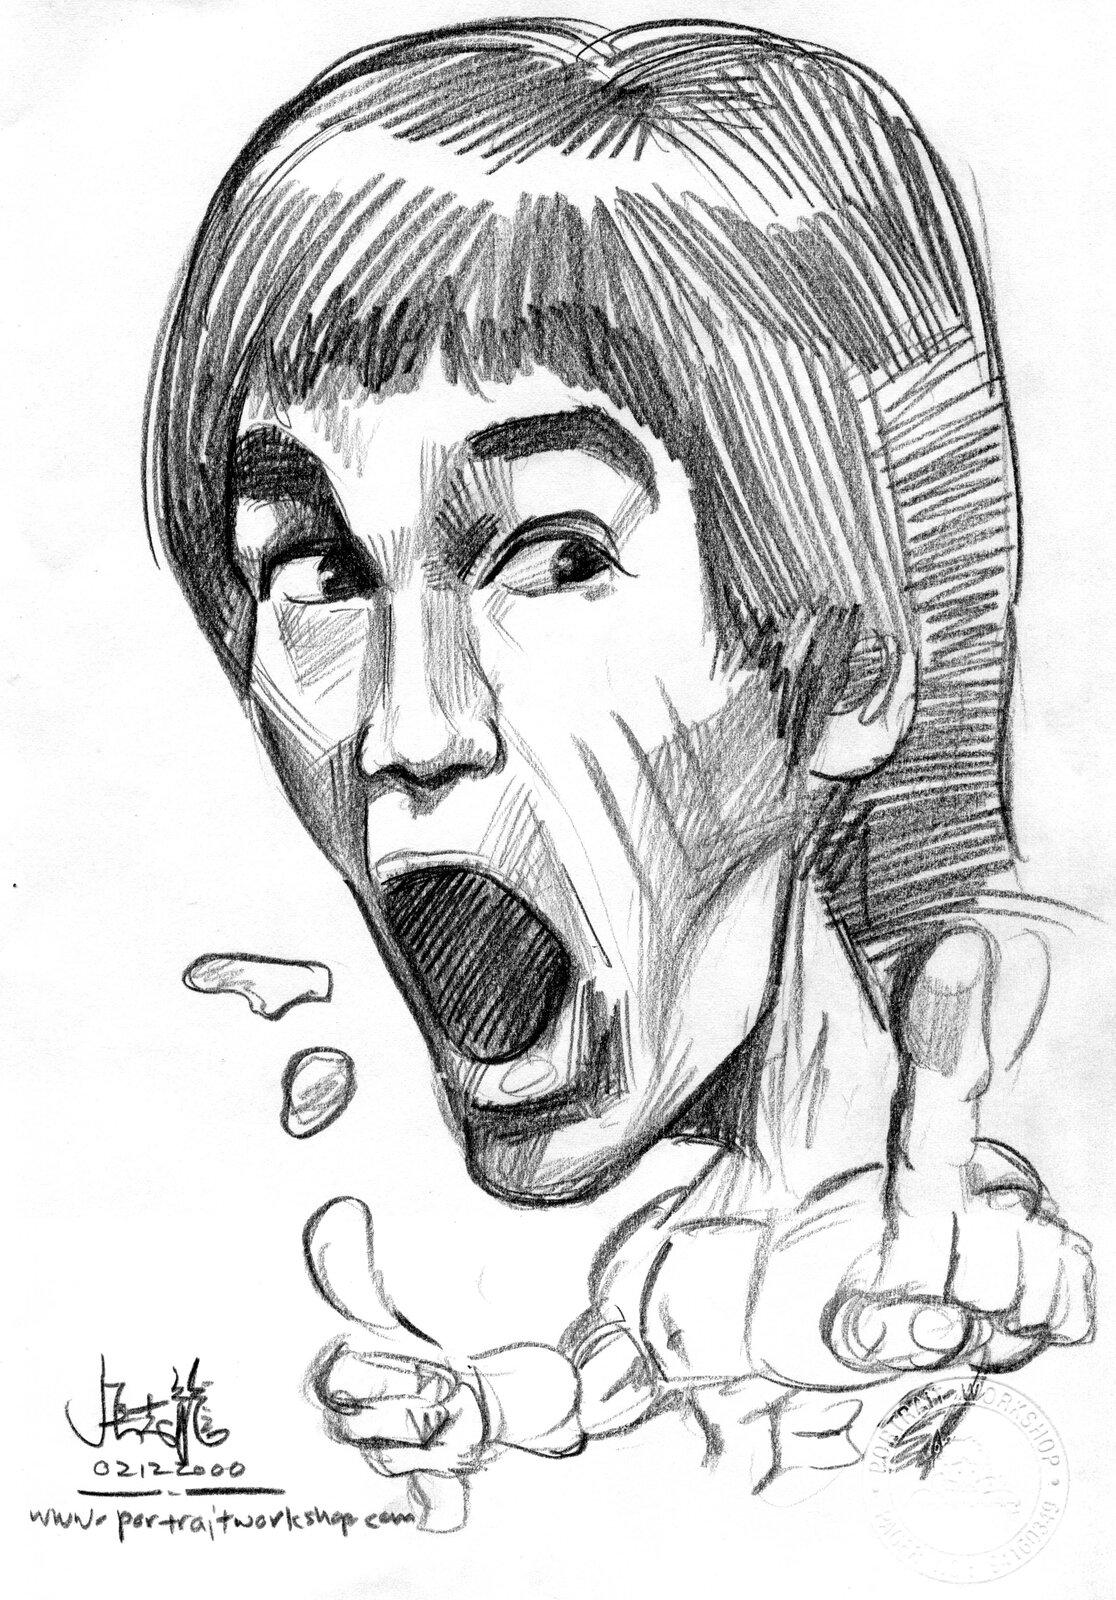 """Ilustracja przedstawia czarno-biały rysunek """"Bruce Lee"""" autorstwa Chong Jit Leonga. Artysta przy pomocy zdecydowanej kreski stworzył dynamiczny, karykaturalny portret mistrza sztuk walk. Duża głowa młodego mężczyzny góruje nad małym, umięśnionym, nagim torsem. Prawa ręka zwysuniętym palcem wskazującym wyciągnięta jest do przodu. Lewa ręka zpodniesionym kciukiem pokazuje gest """"OK"""". Postać uchwycona jest wtrakcie wydobywania okrzyku: usta są otworzone, natomiast brwi podniesione do góry. Artysta przy pomocy zdecydowanych, dynamicznych kresek ukazał światłocień na włosach oraz twarzy postaci. Tułów narysowany został konturowo. Wlewym, dolnym rogu  pracy widnieje data, adres www ipodpis artysty."""